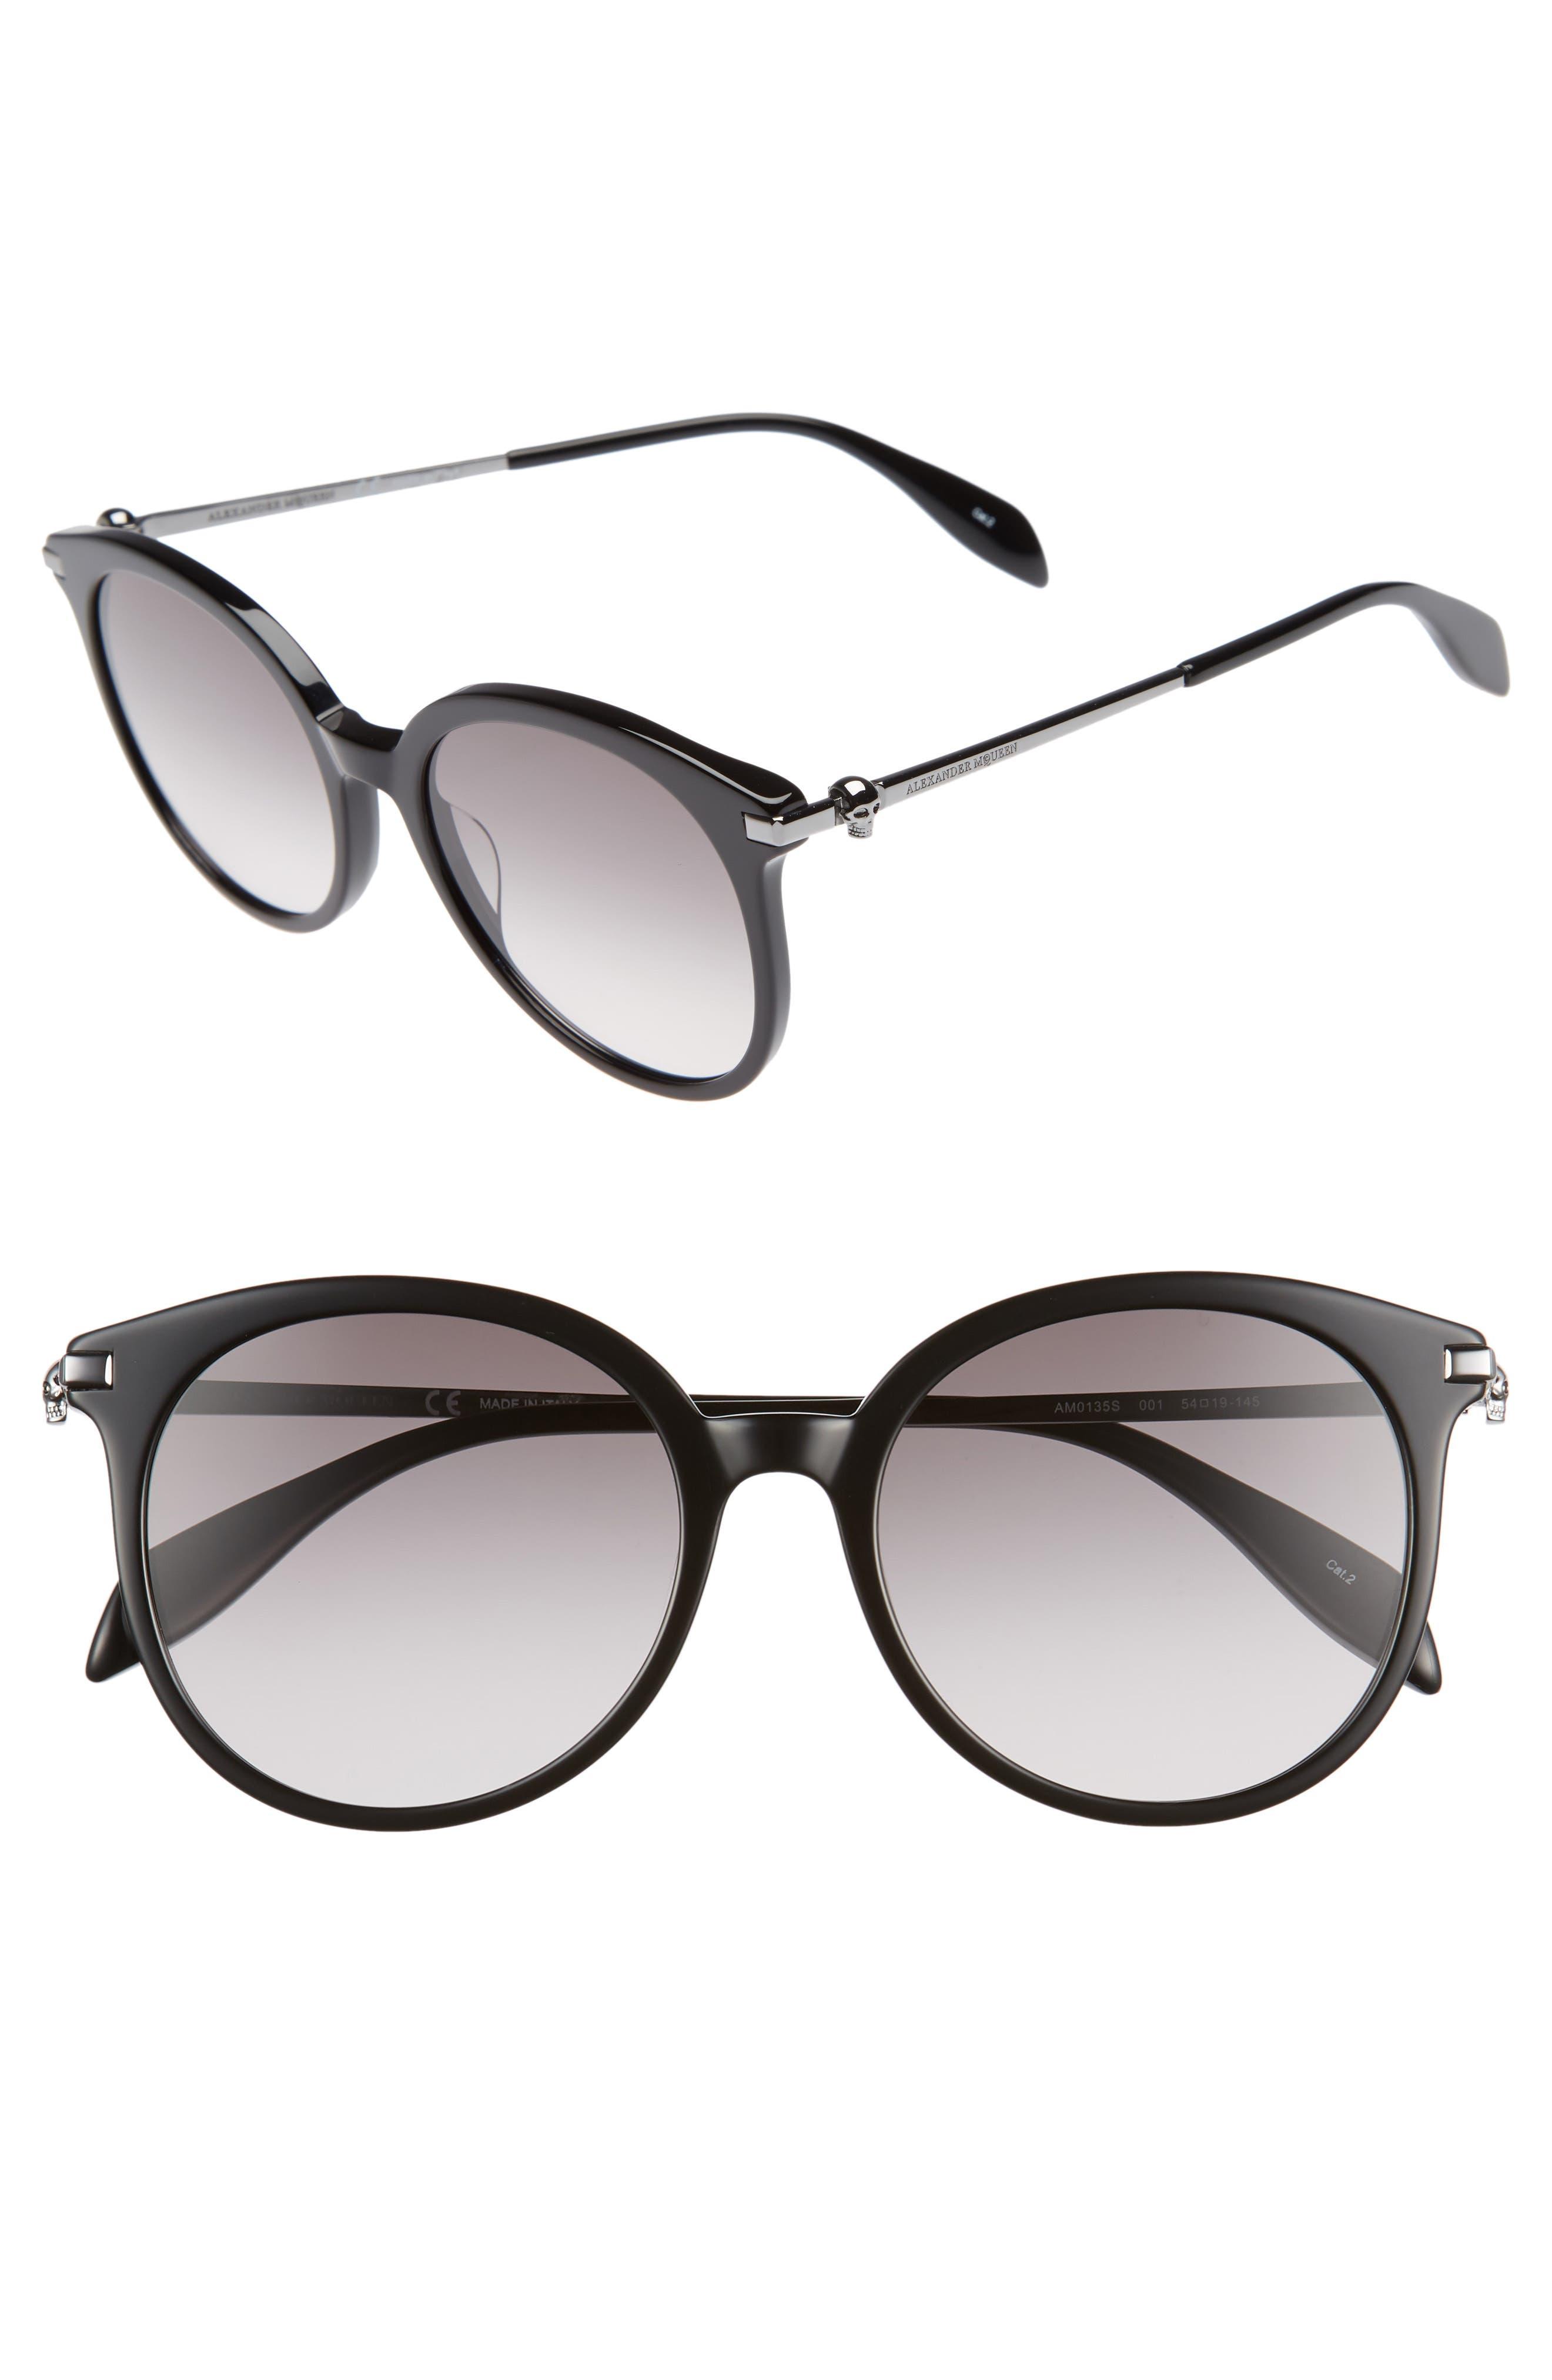 54mm Gradient Lens Round Sunglasses,                         Main,                         color, Dark Ruthenium/ Black